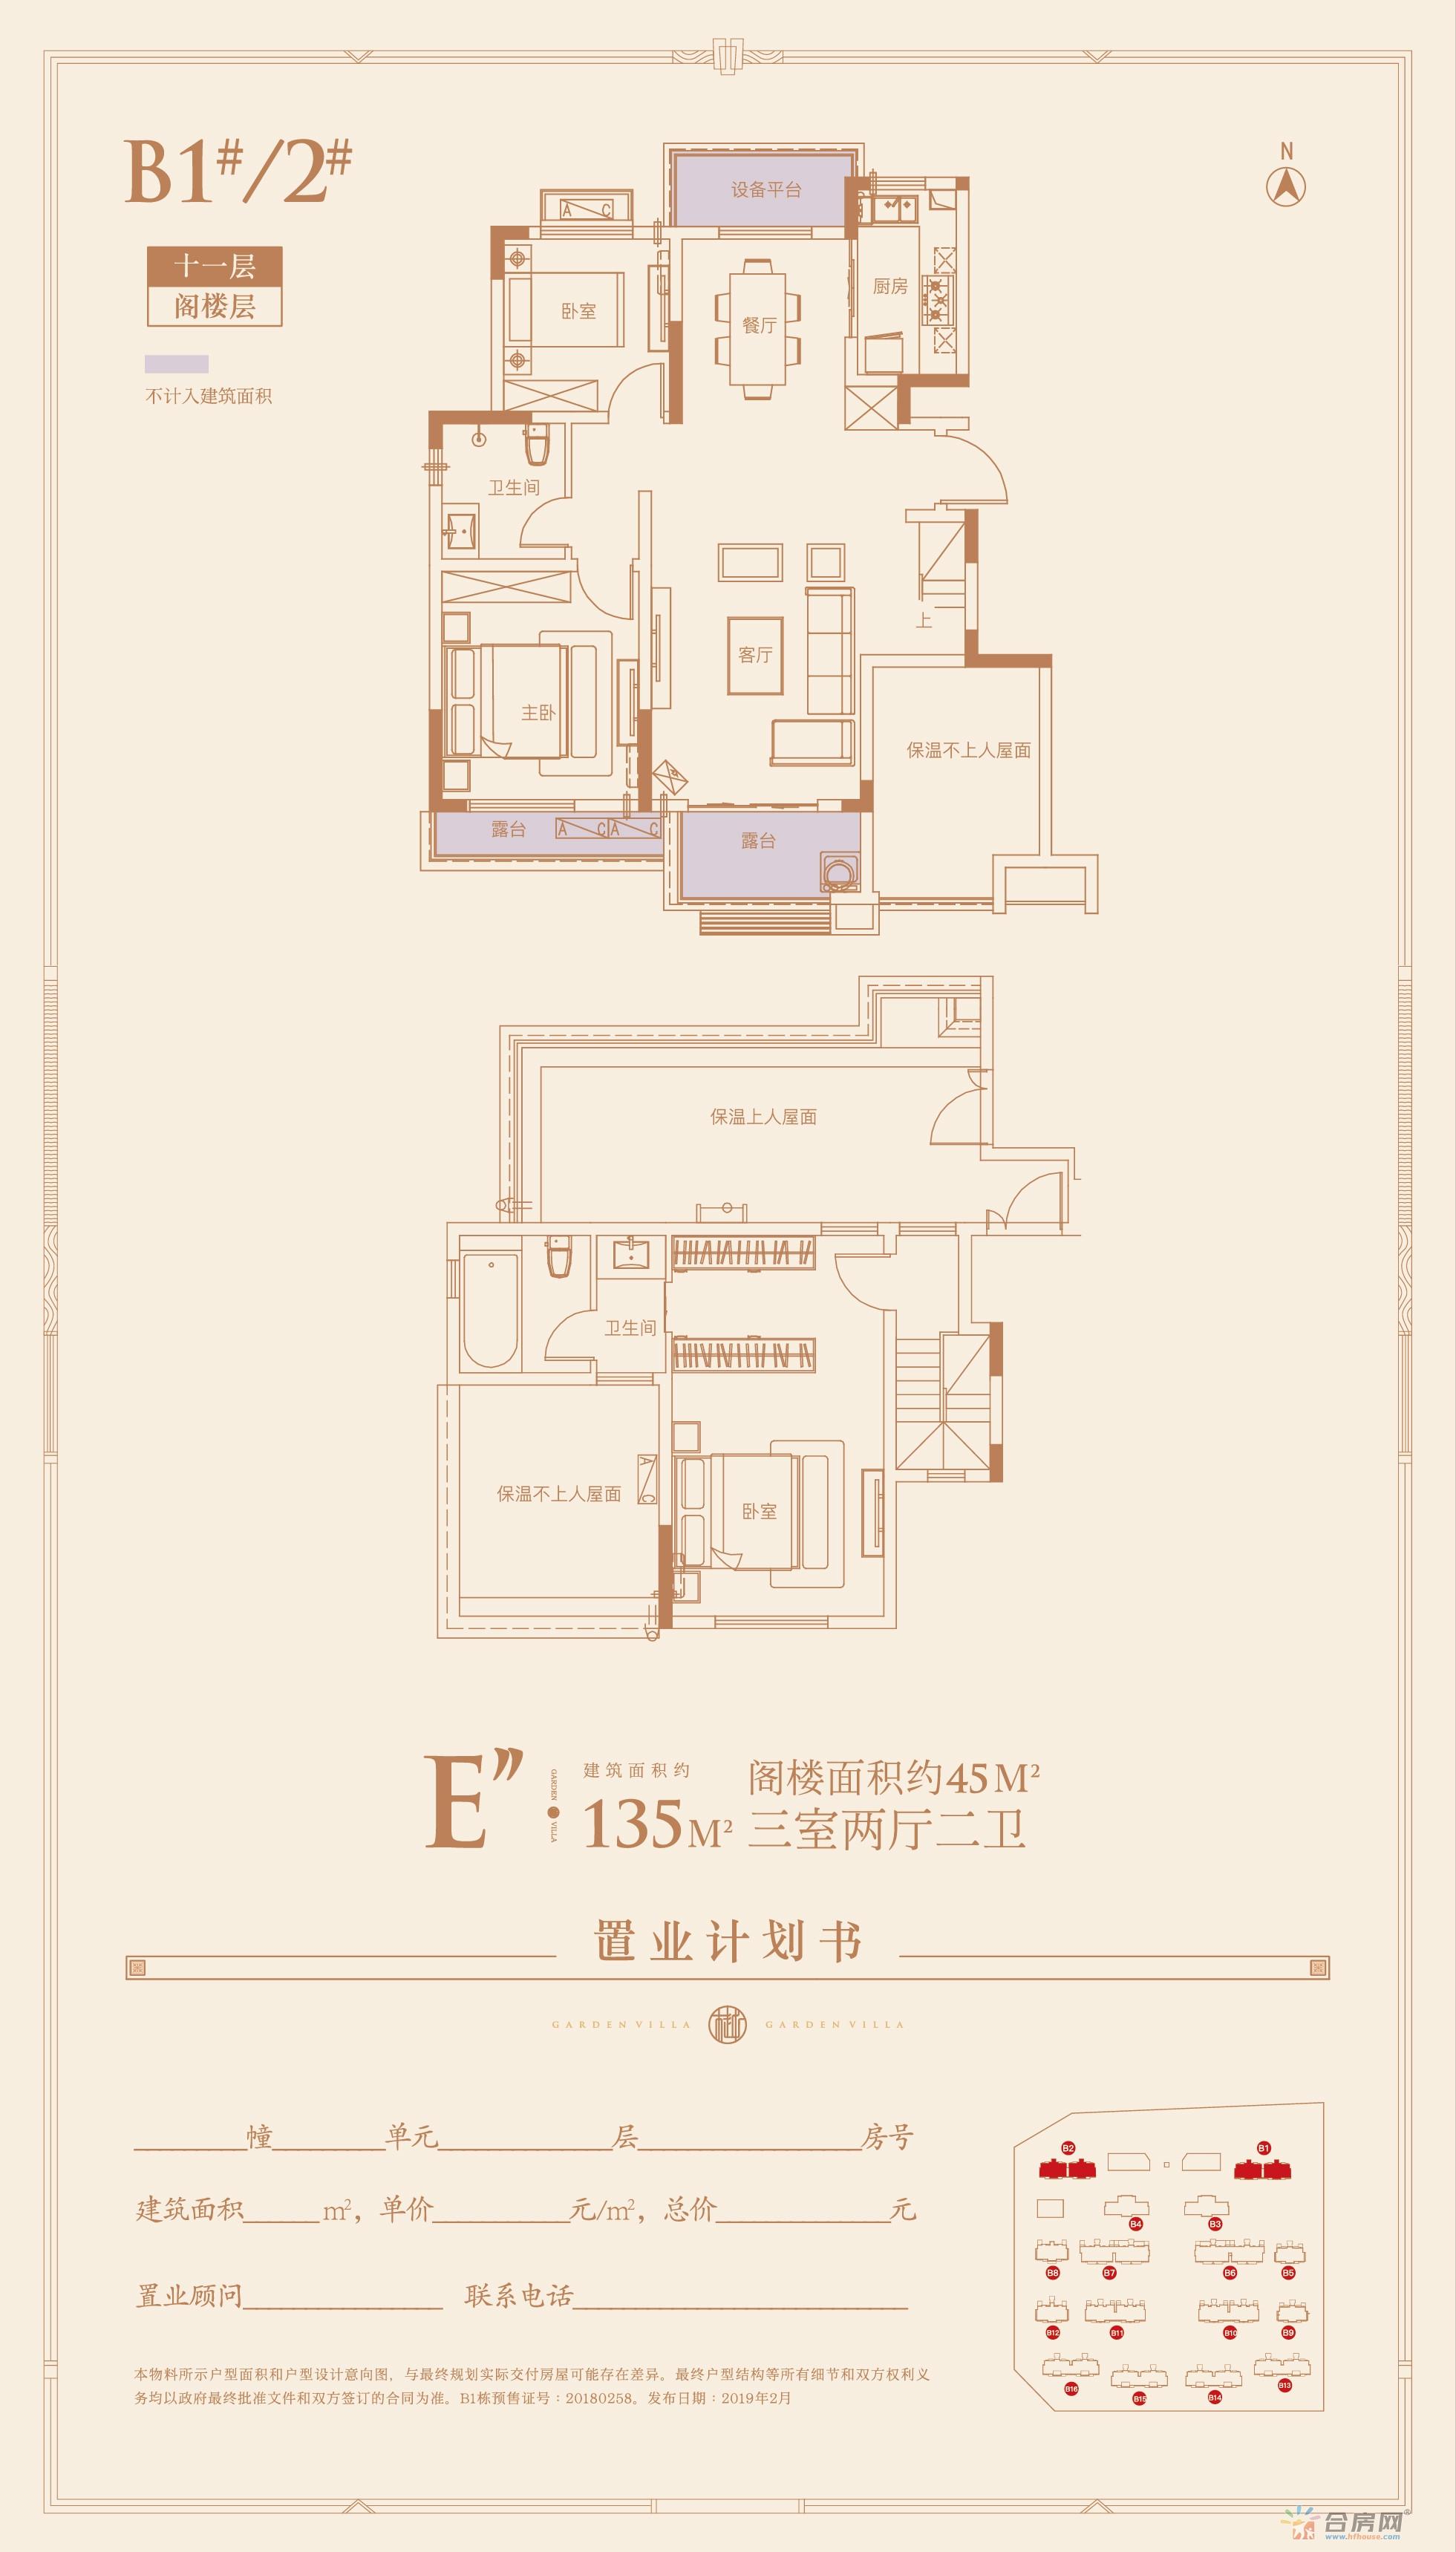 信达万振东方樾府 _3室2厅2卫0厨